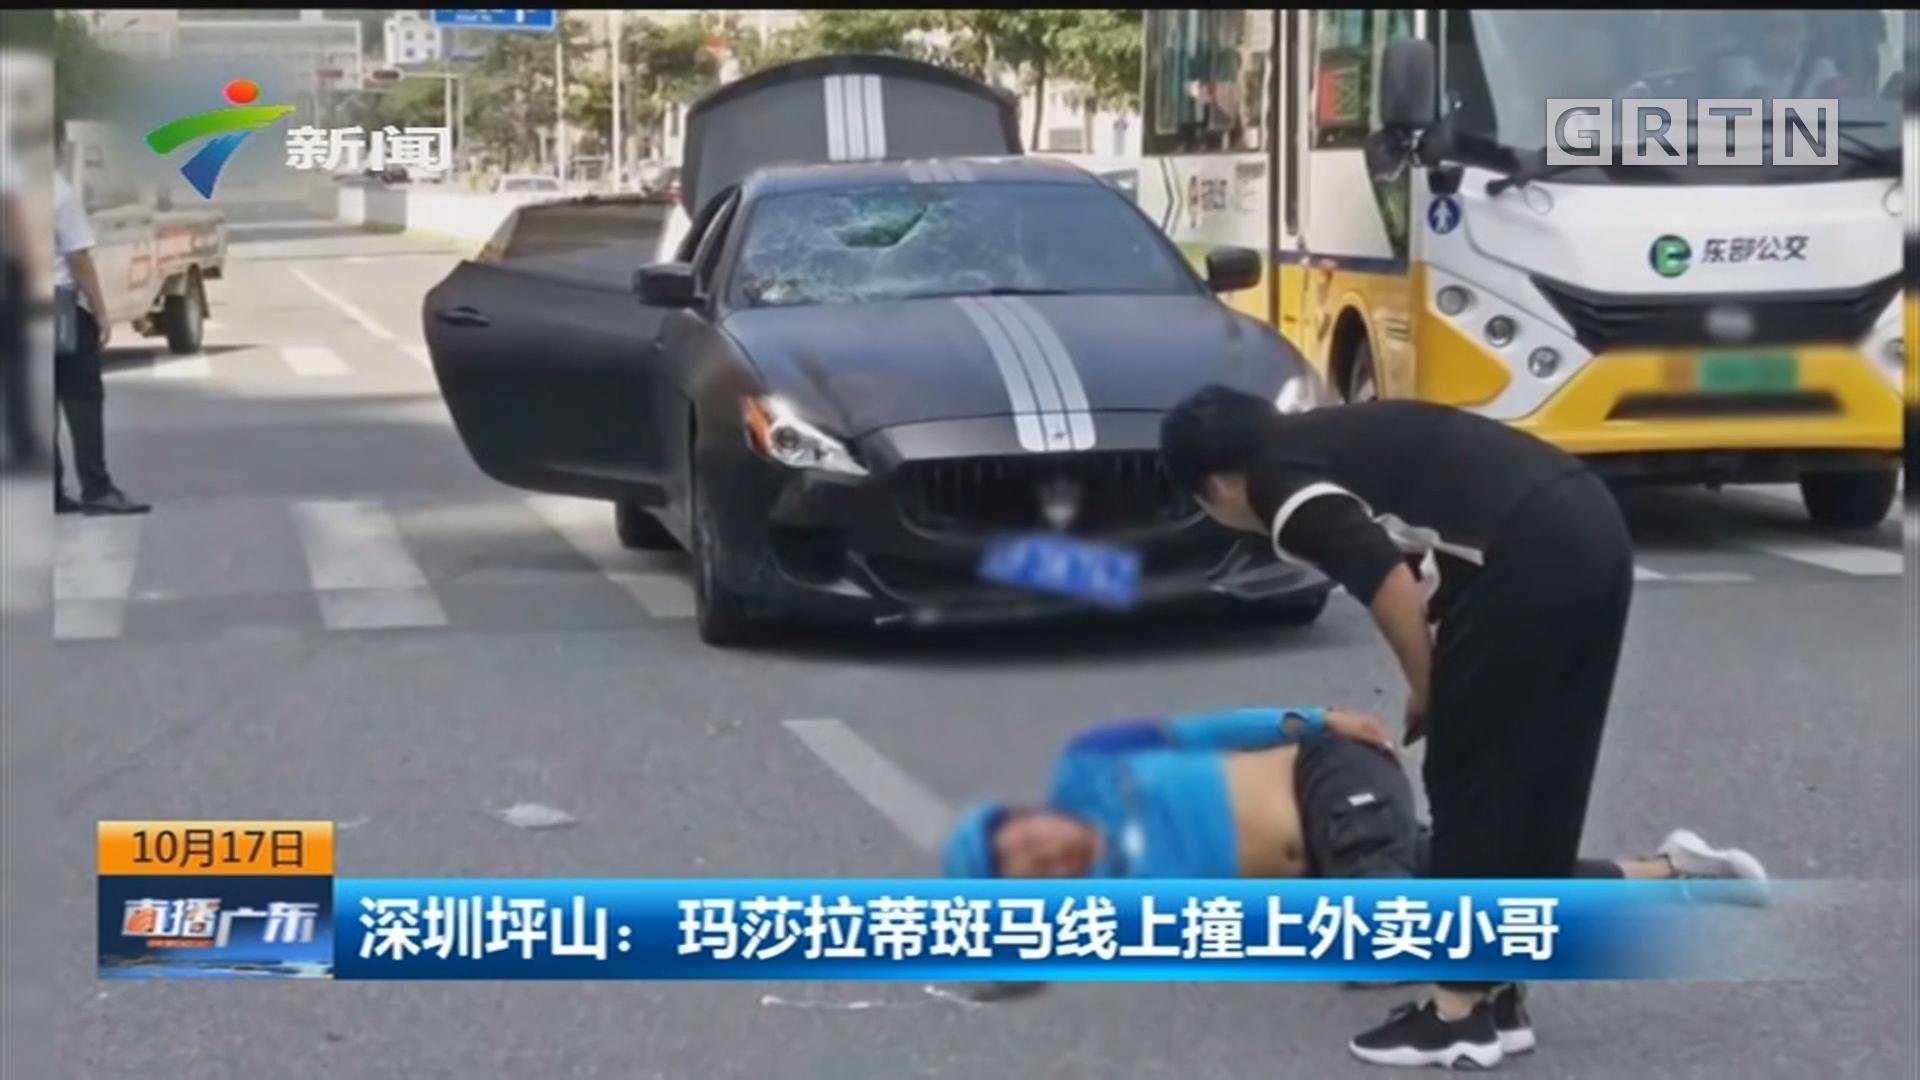 深圳坪山:玛莎拉蒂斑马线上撞上外卖小哥